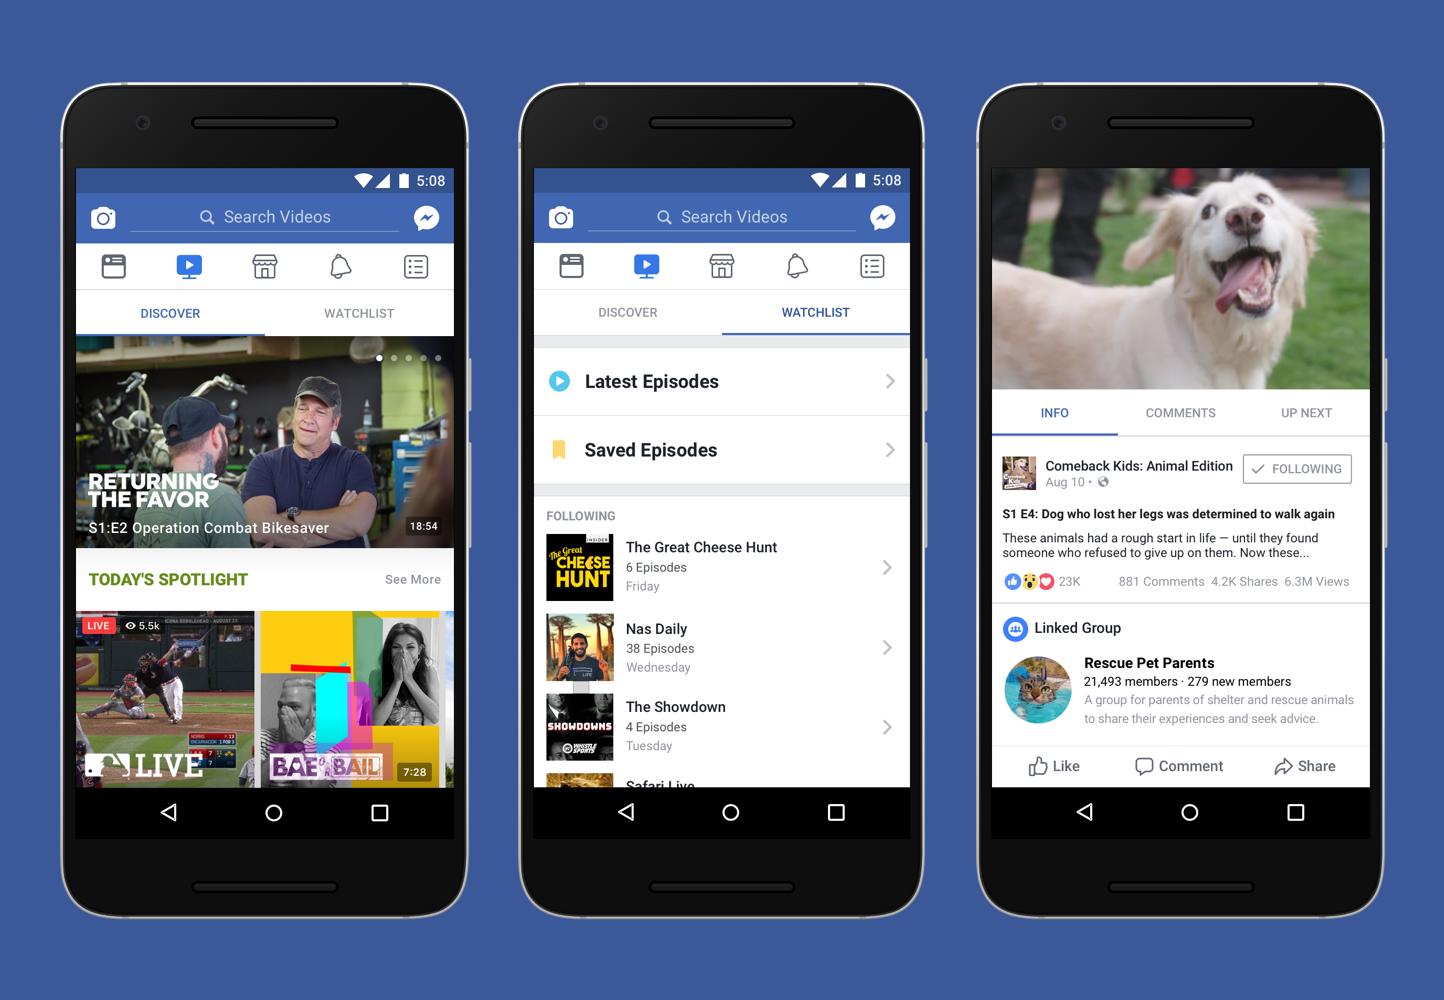 Screen captures of the Facebook Watch platform